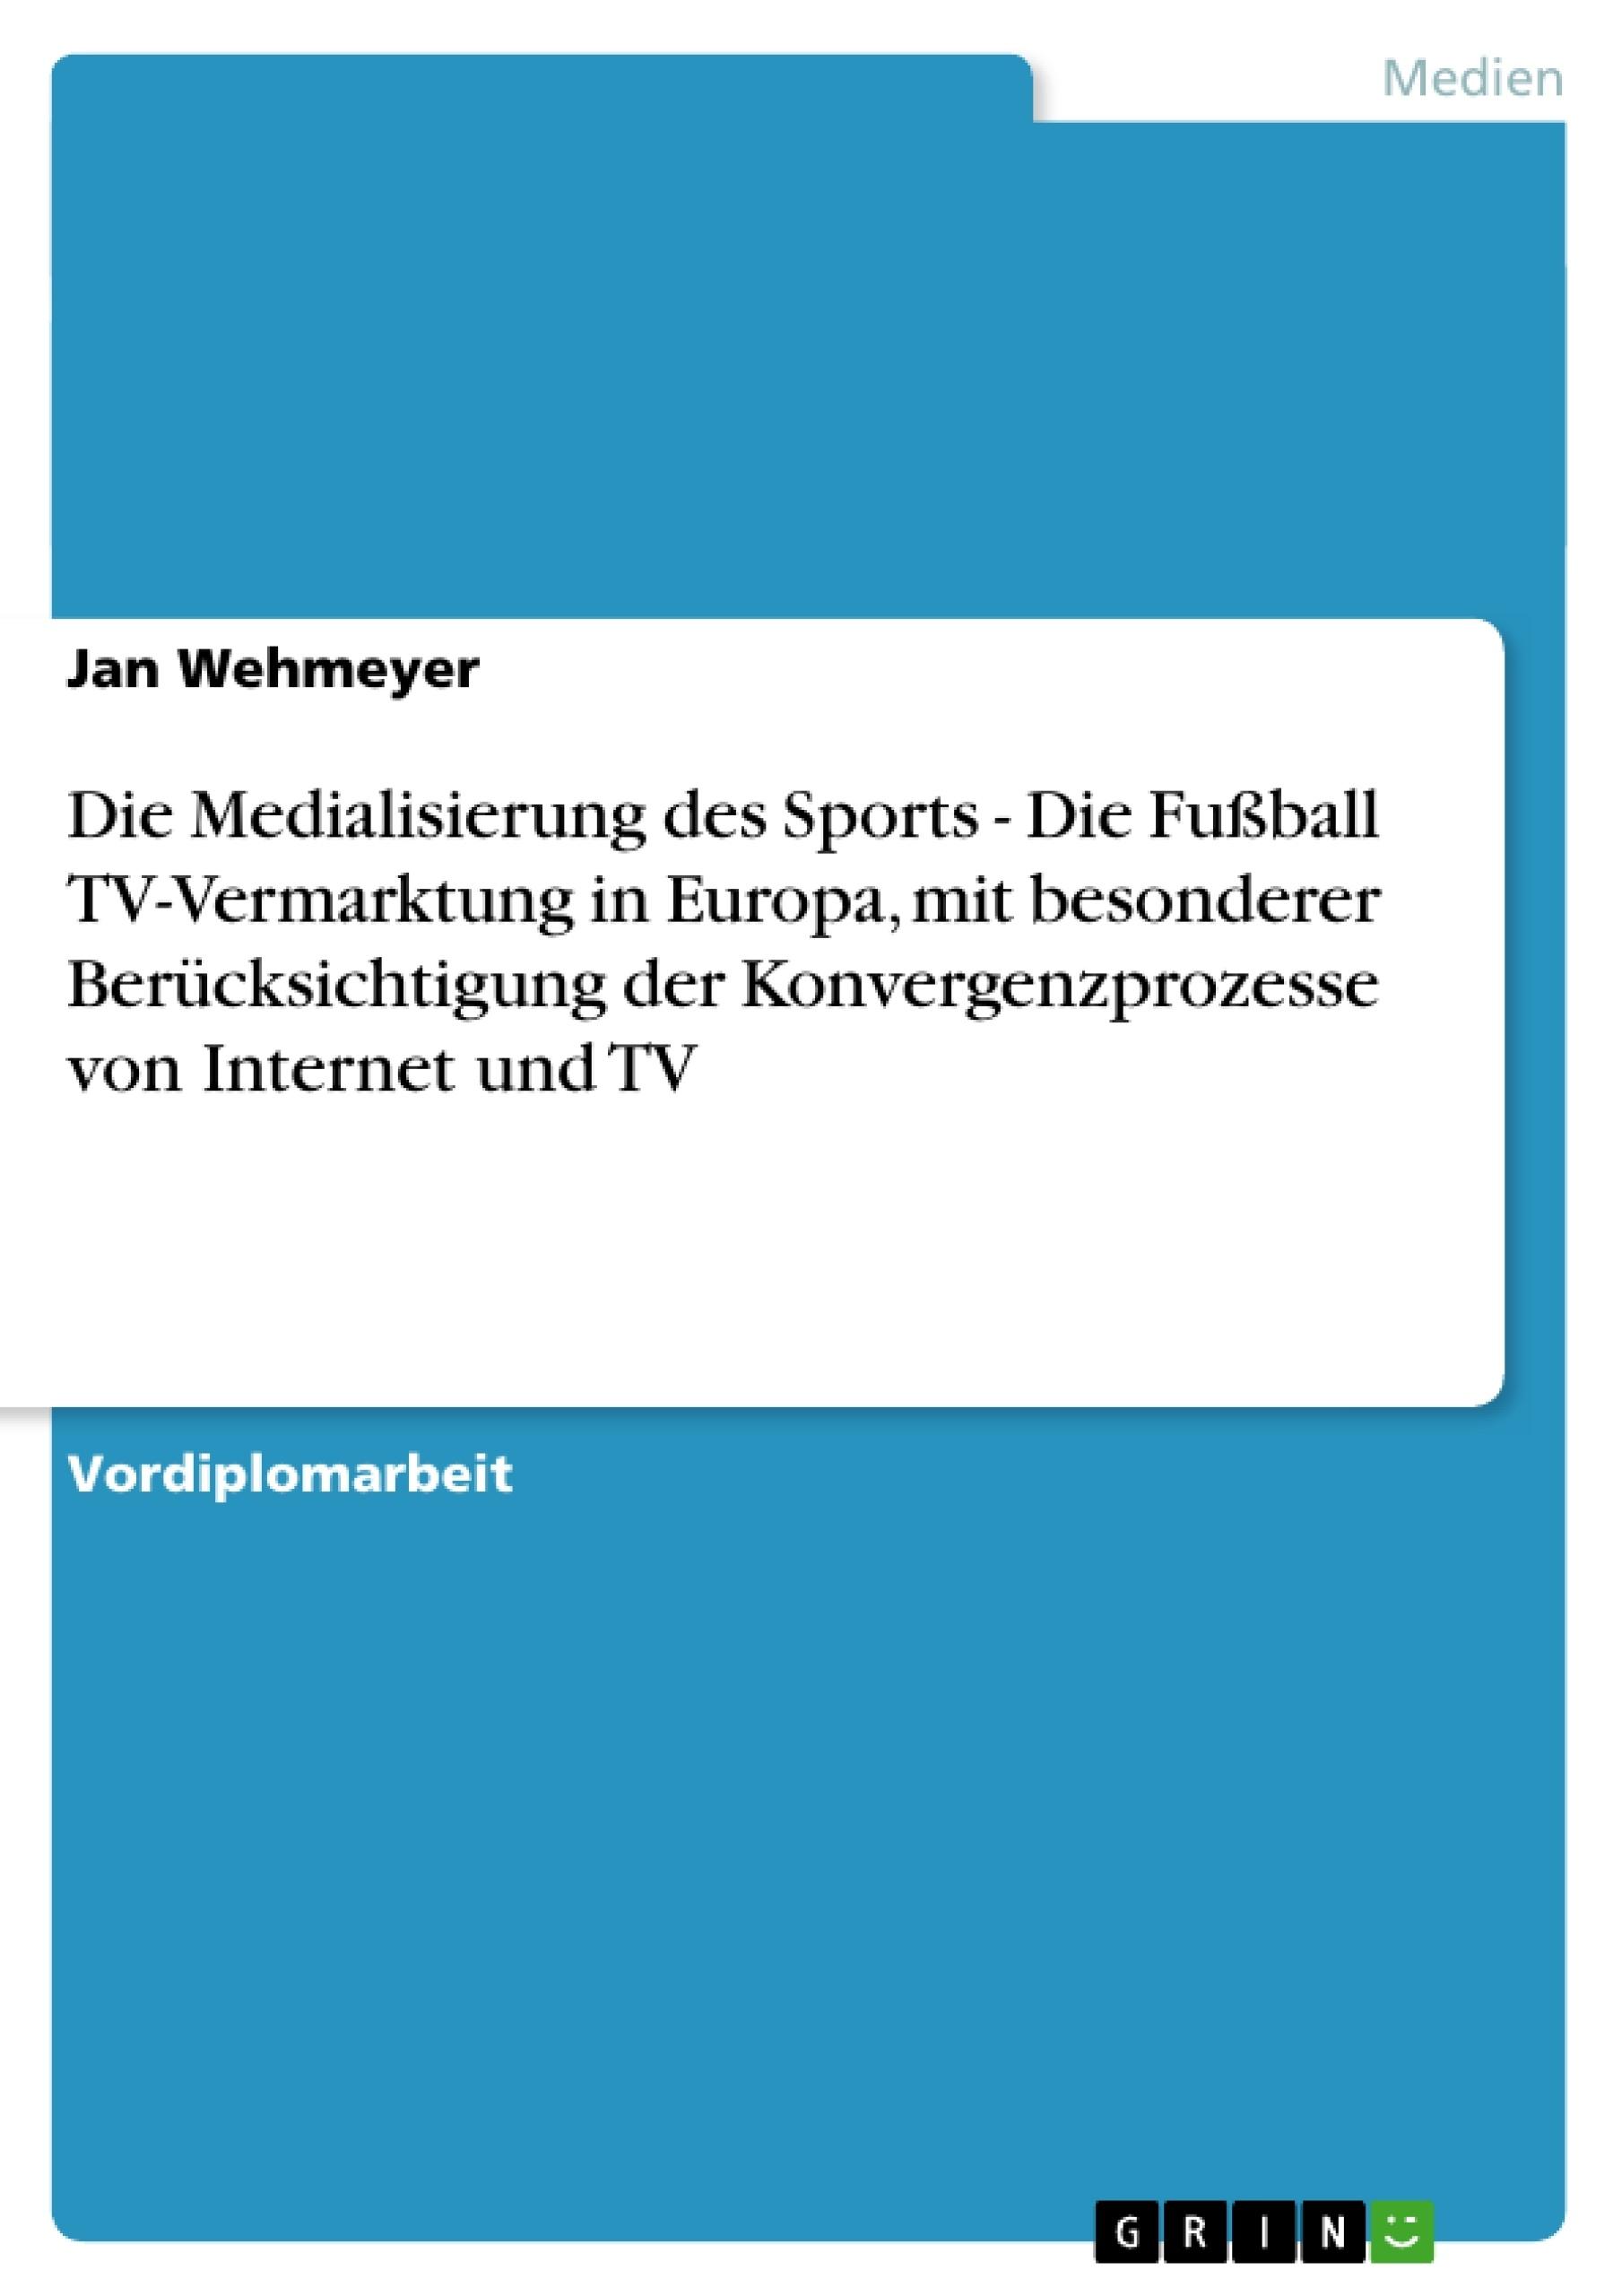 Titel: Die Medialisierung des Sports - Die Fußball TV-Vermarktung in Europa, mit besonderer Berücksichtigung der Konvergenzprozesse von Internet und TV